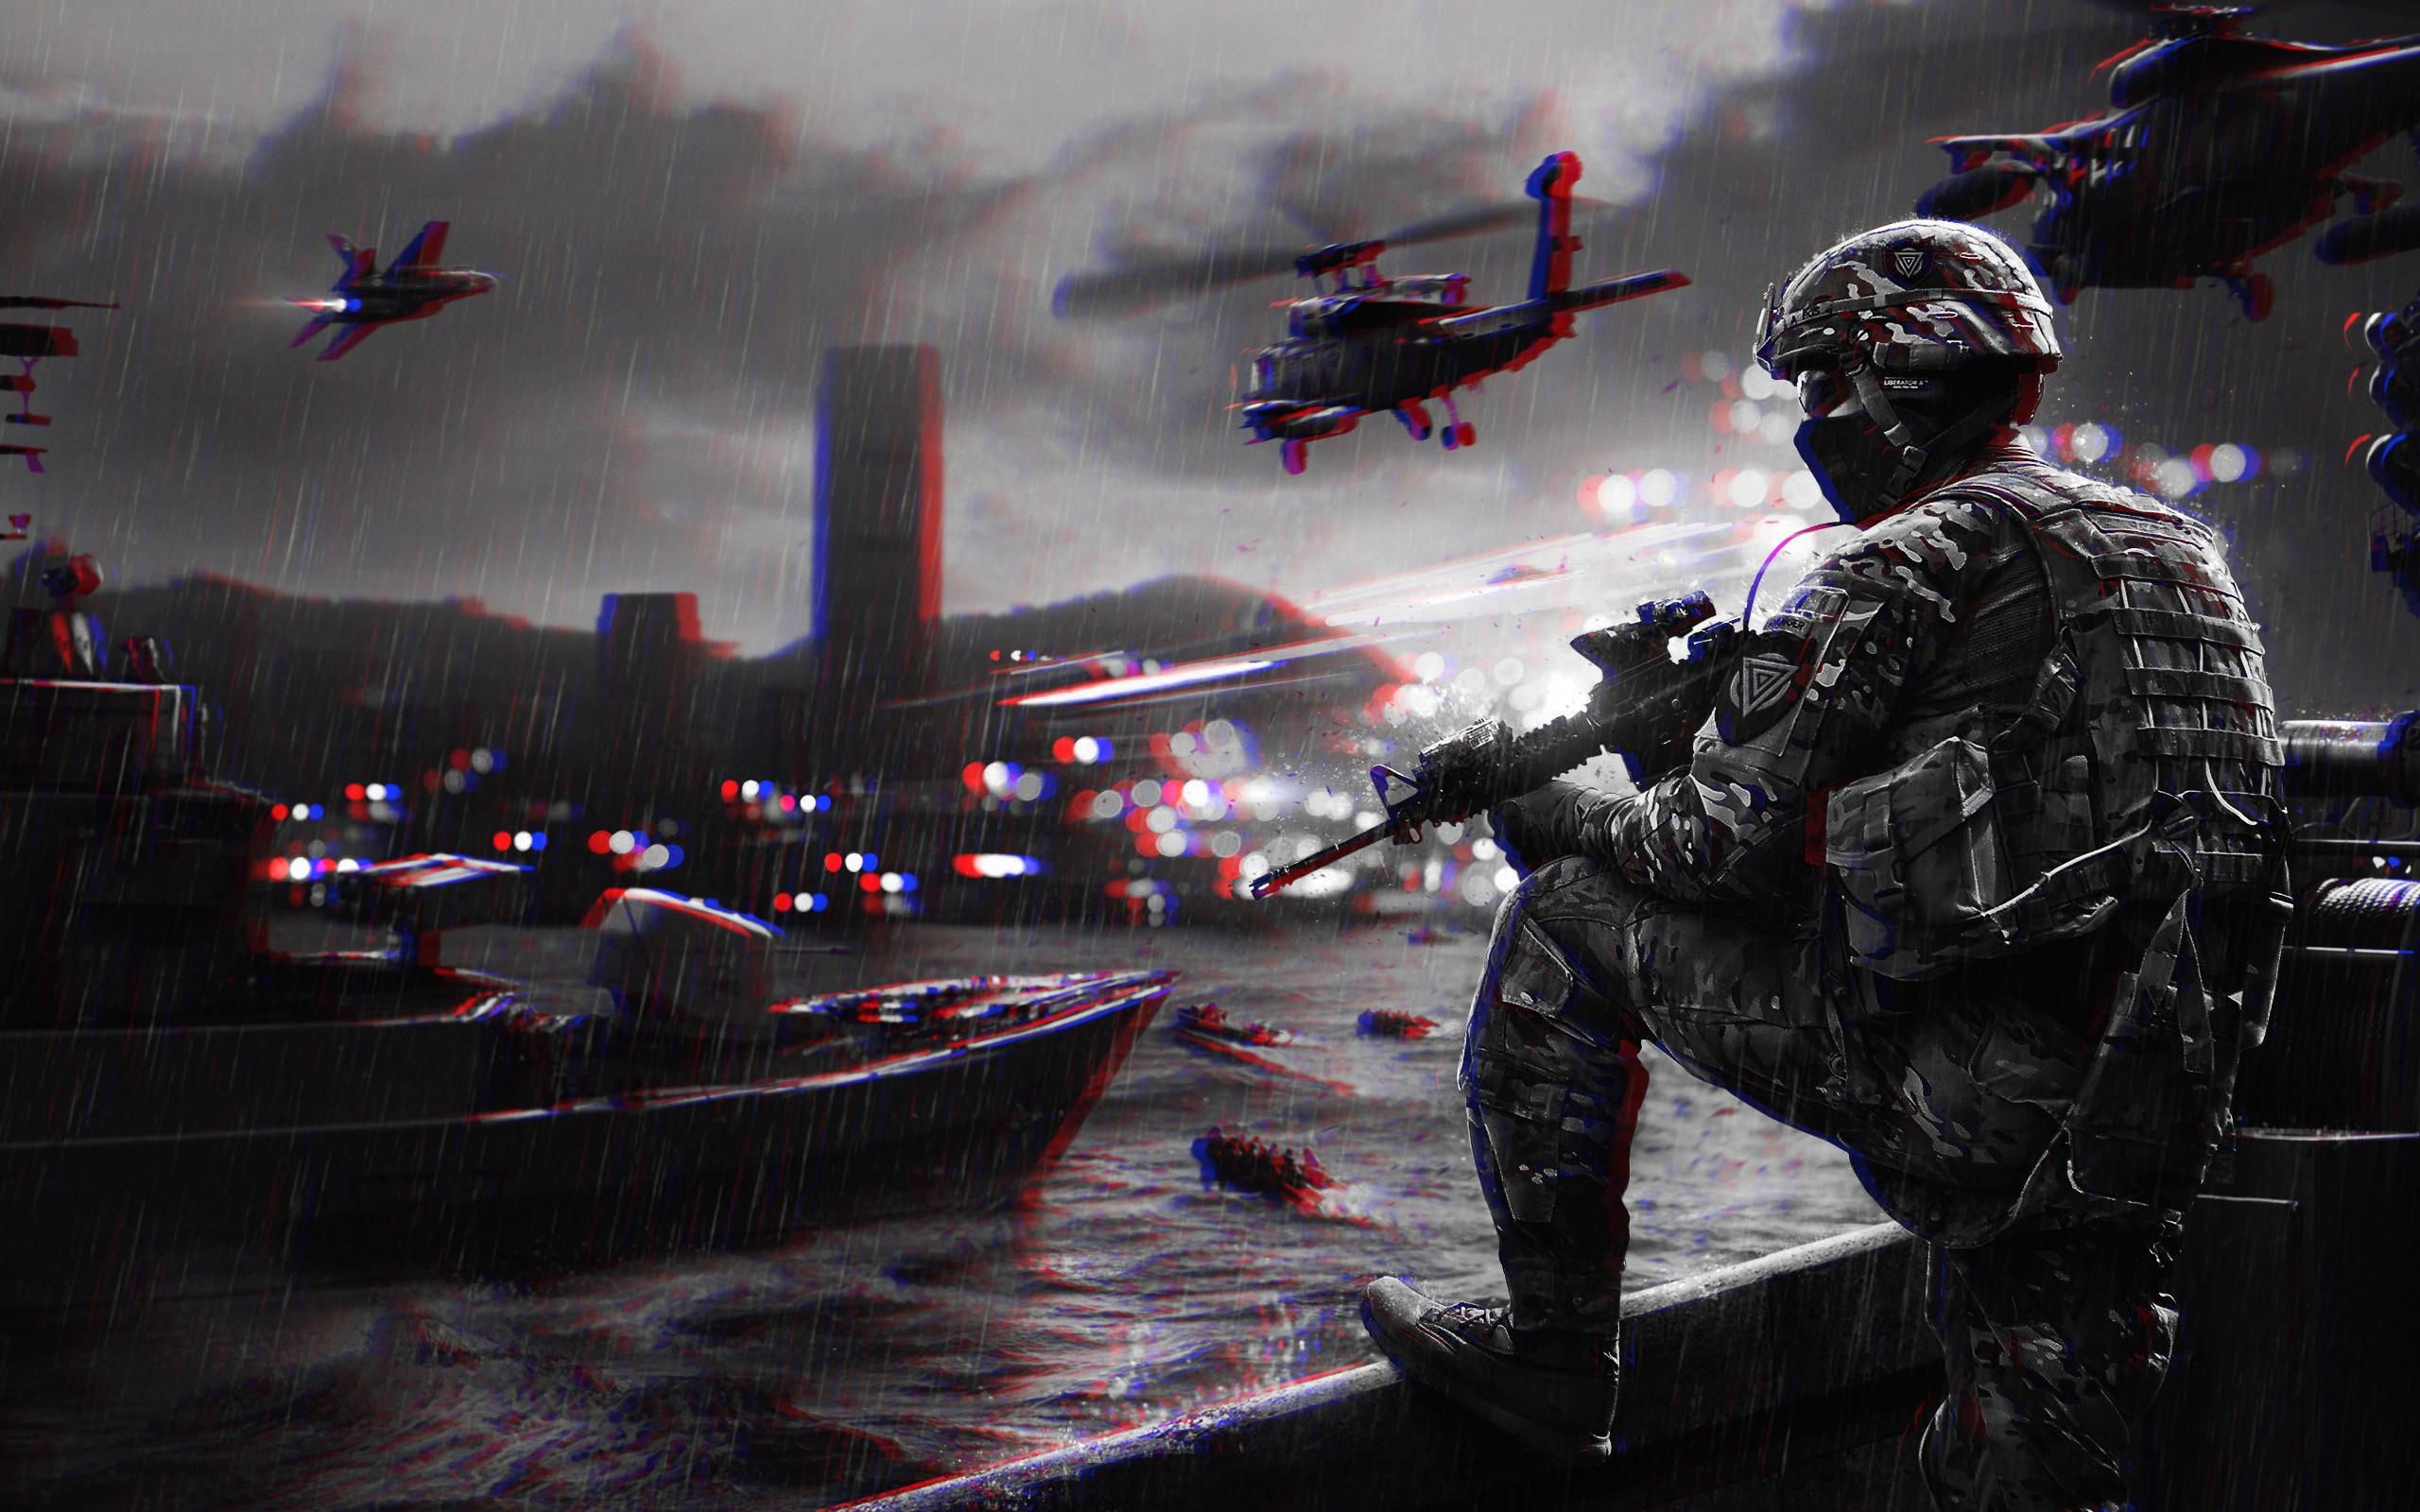 Masaüstü 3 Boyutlu Battlefield Anaglyph 3d Ekran Görüntüsü